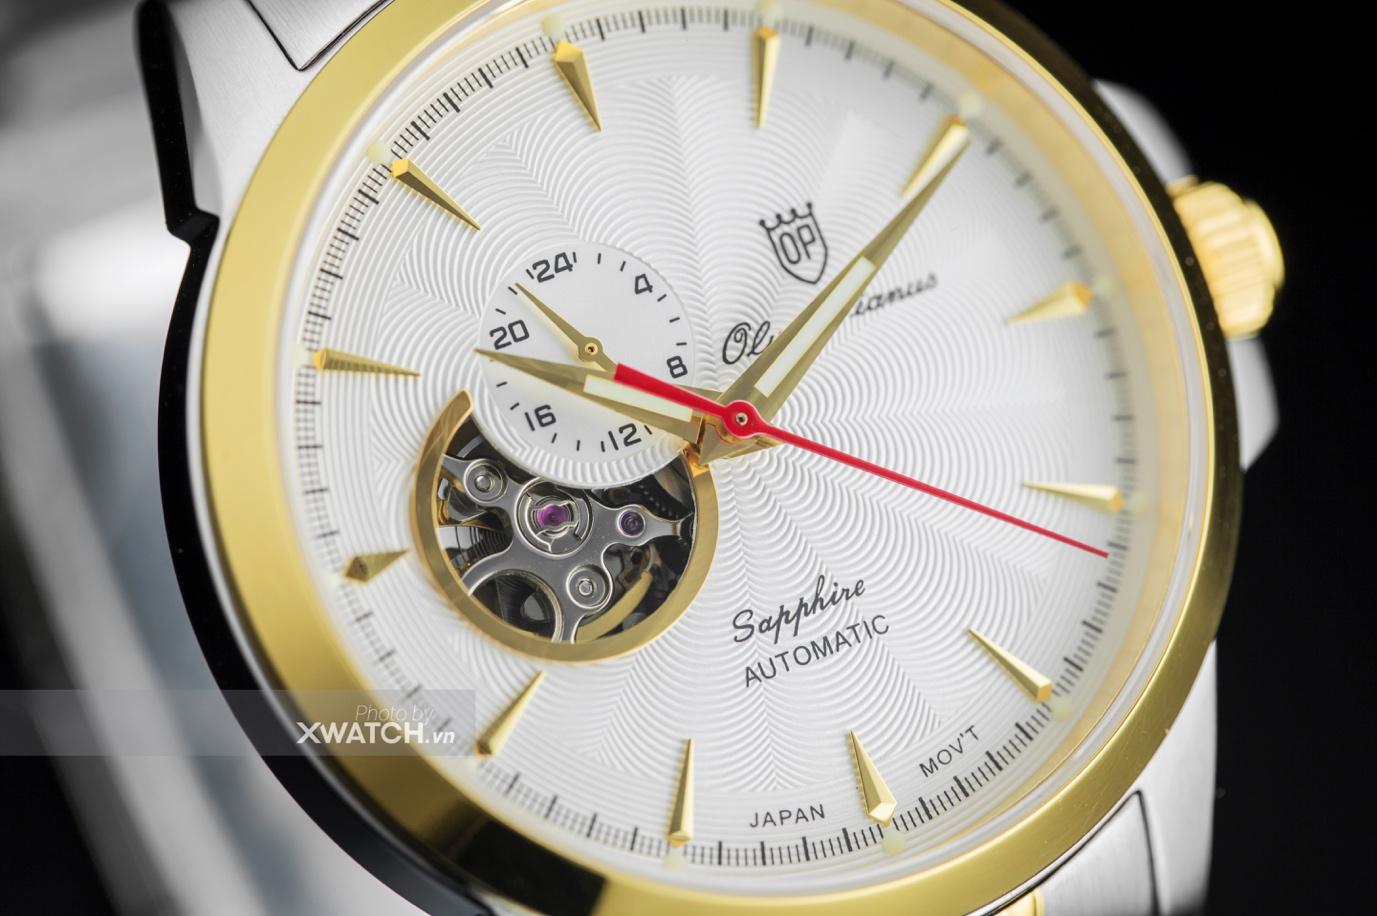 5 mẫu đồng hồ nam chính hãng được săn lùng nhiều nhất tại Xwatch - Ảnh 1.